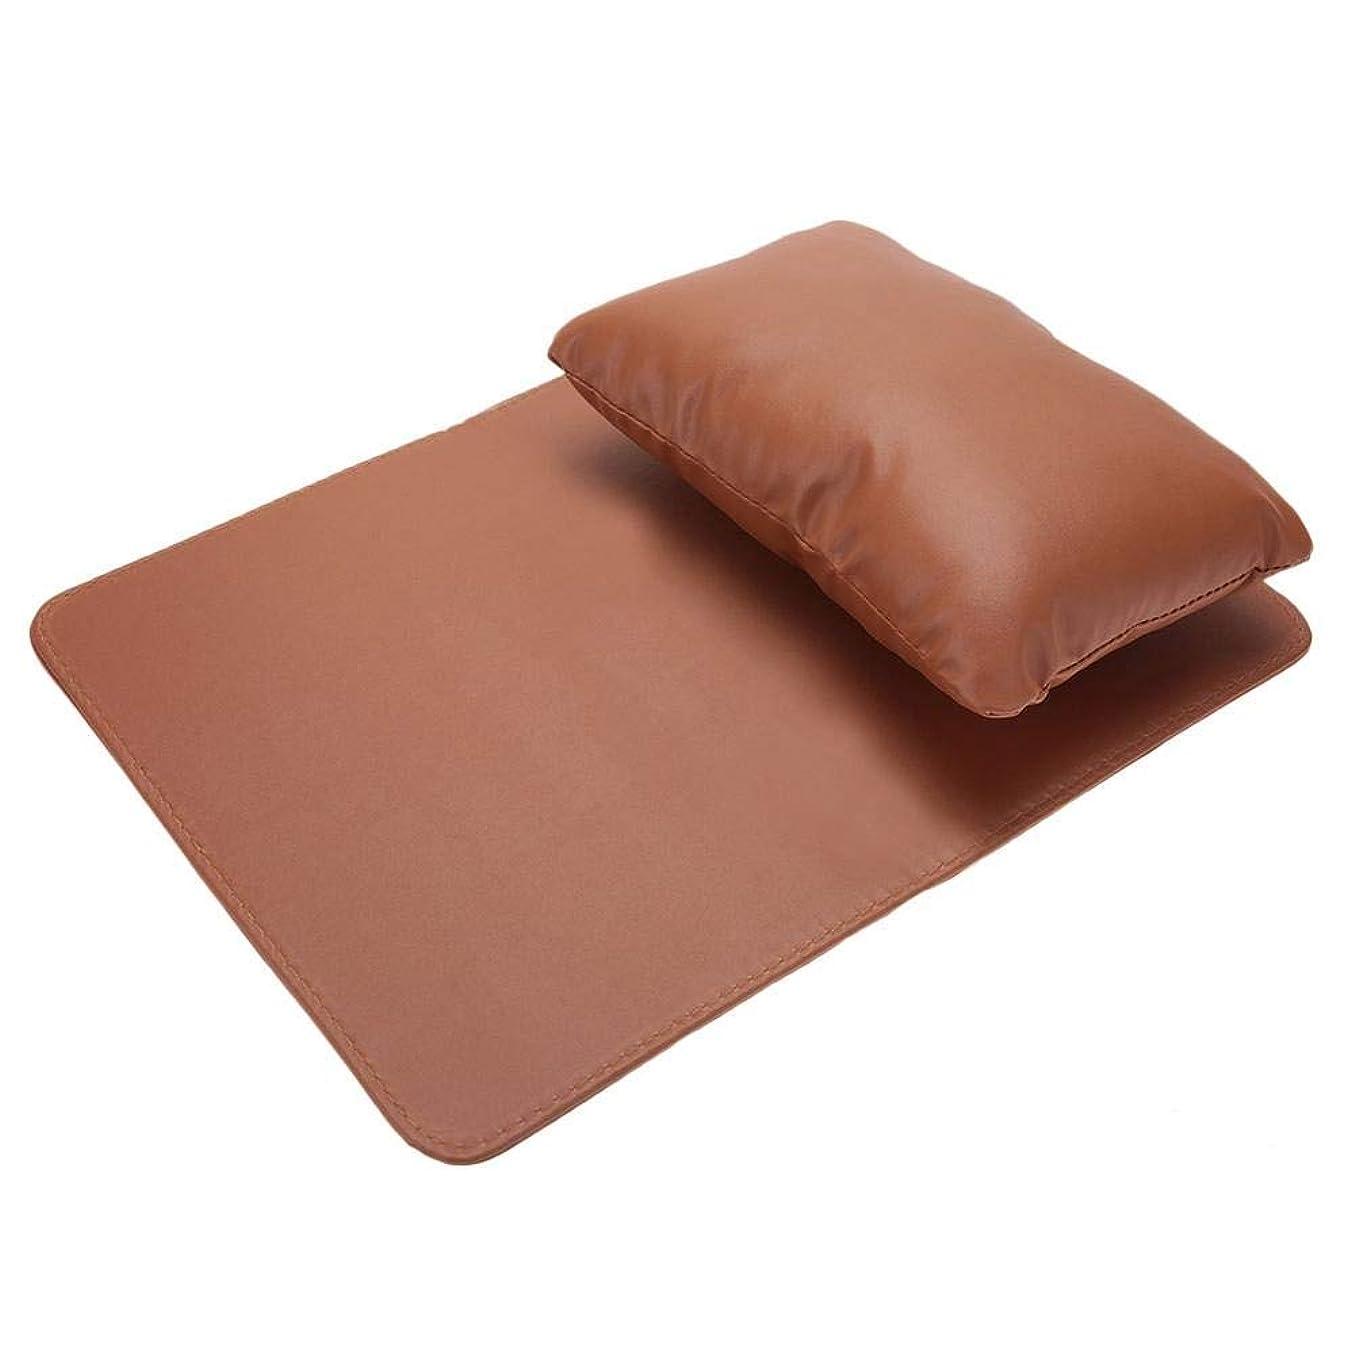 先生実行するハロウィンネイルアートハンド枕、ハンドクッションレストマニキュアサロン美容ソフトPUレザー洗えるハンドレスト枕とマニキュアテーブルマット(Coffee)